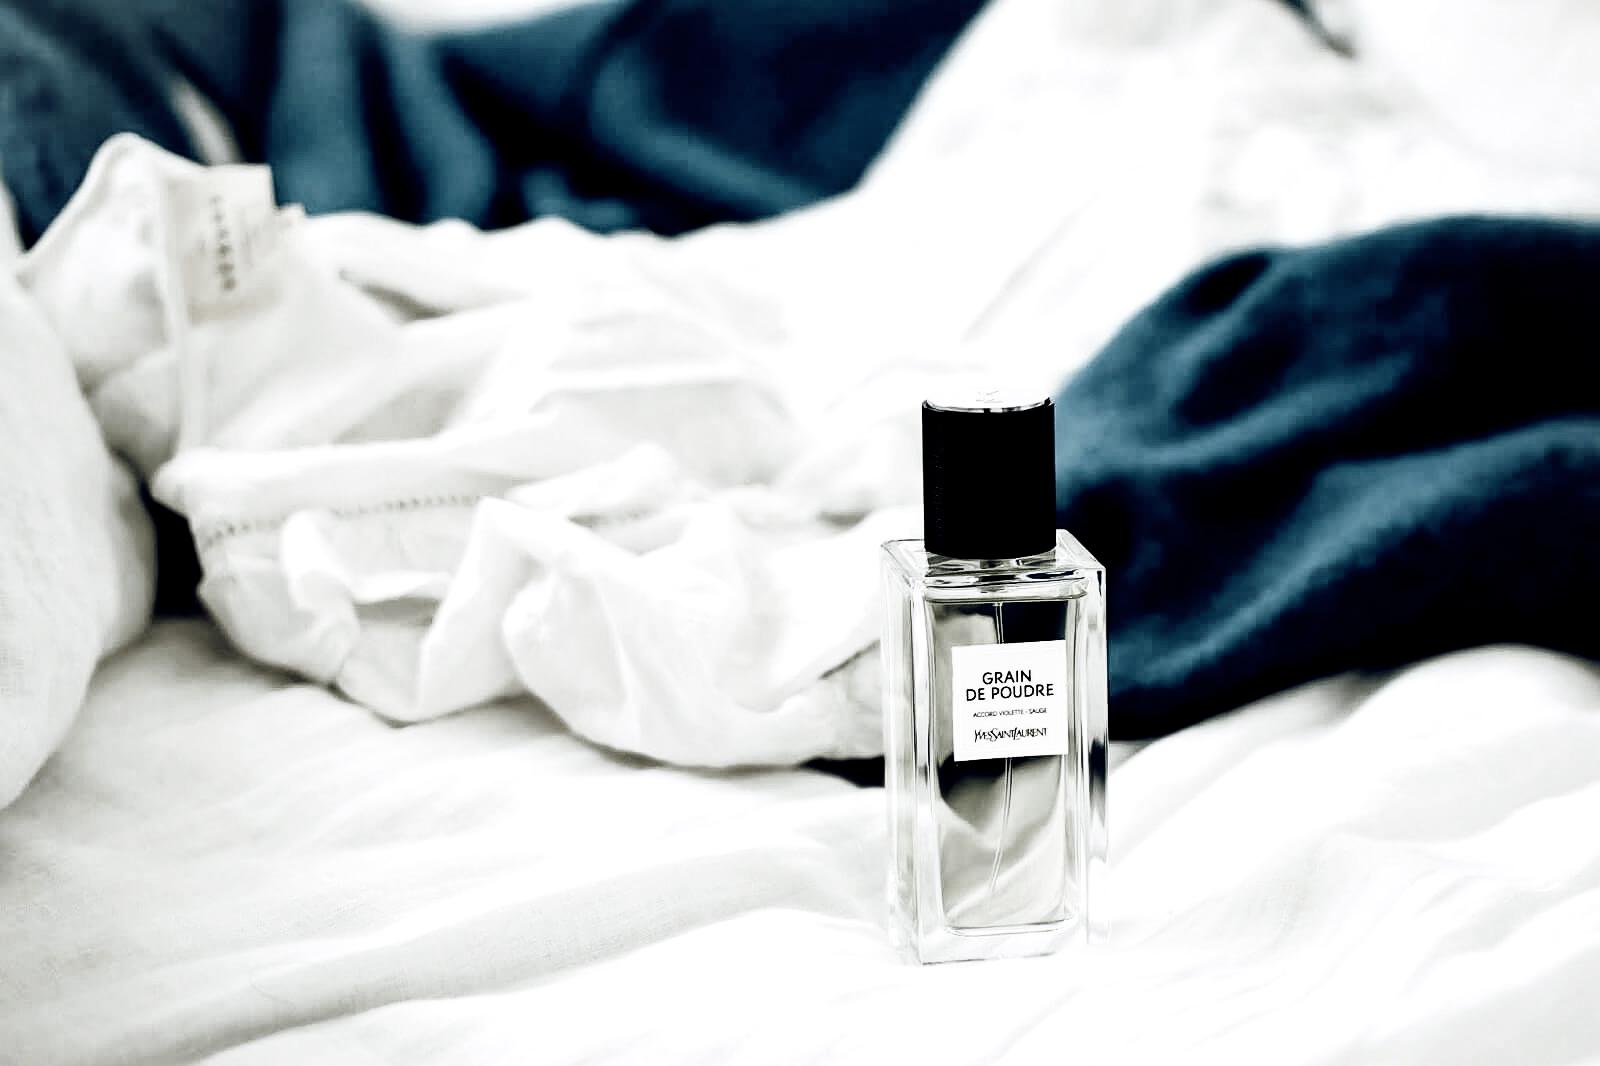 ysl-yves-saint-laurent-grain-de-poudre-parfum-avis-test-critique